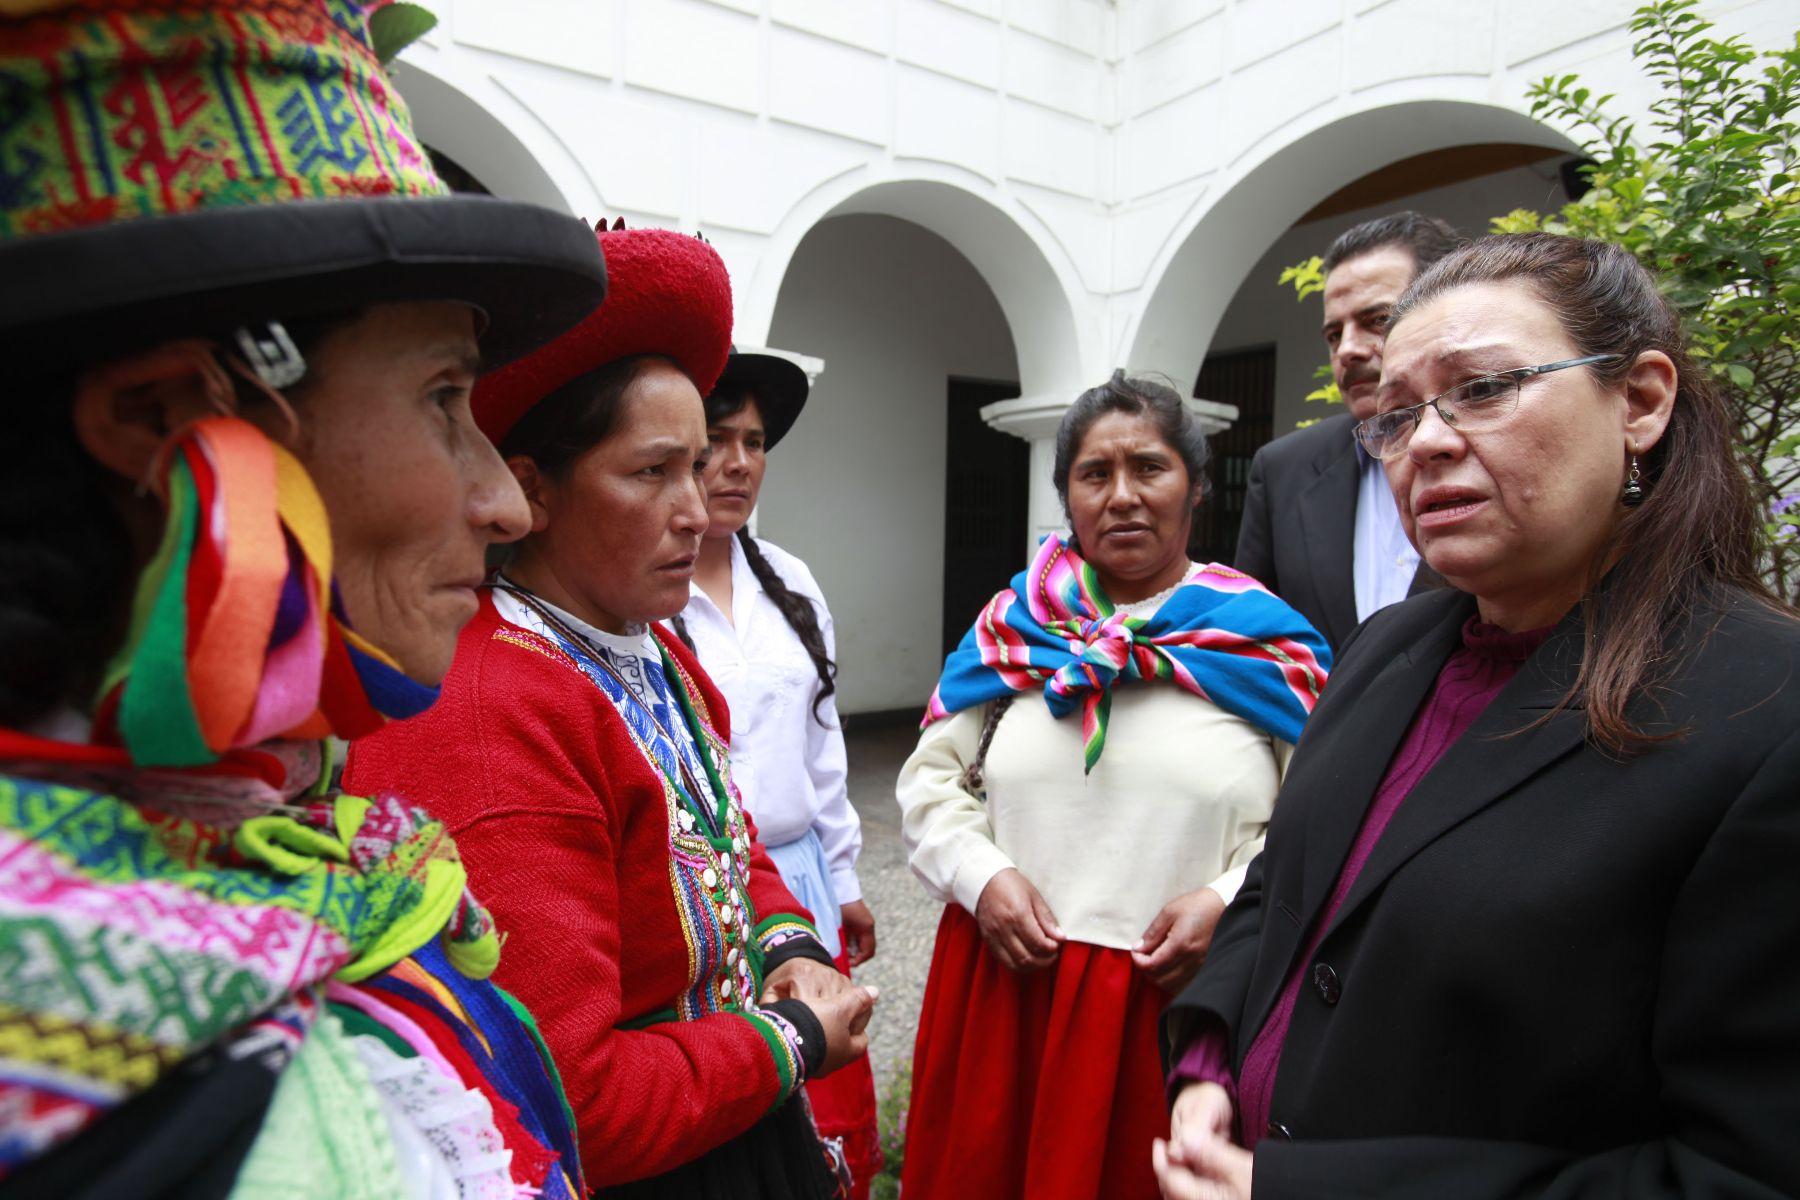 Ministra de Desarrollo Social de Guatemala, Lucy Lainfiesta, recoge experiencias de lucha contra la pobreza en Perú. Foto: ANDINA/Oscar Farje.